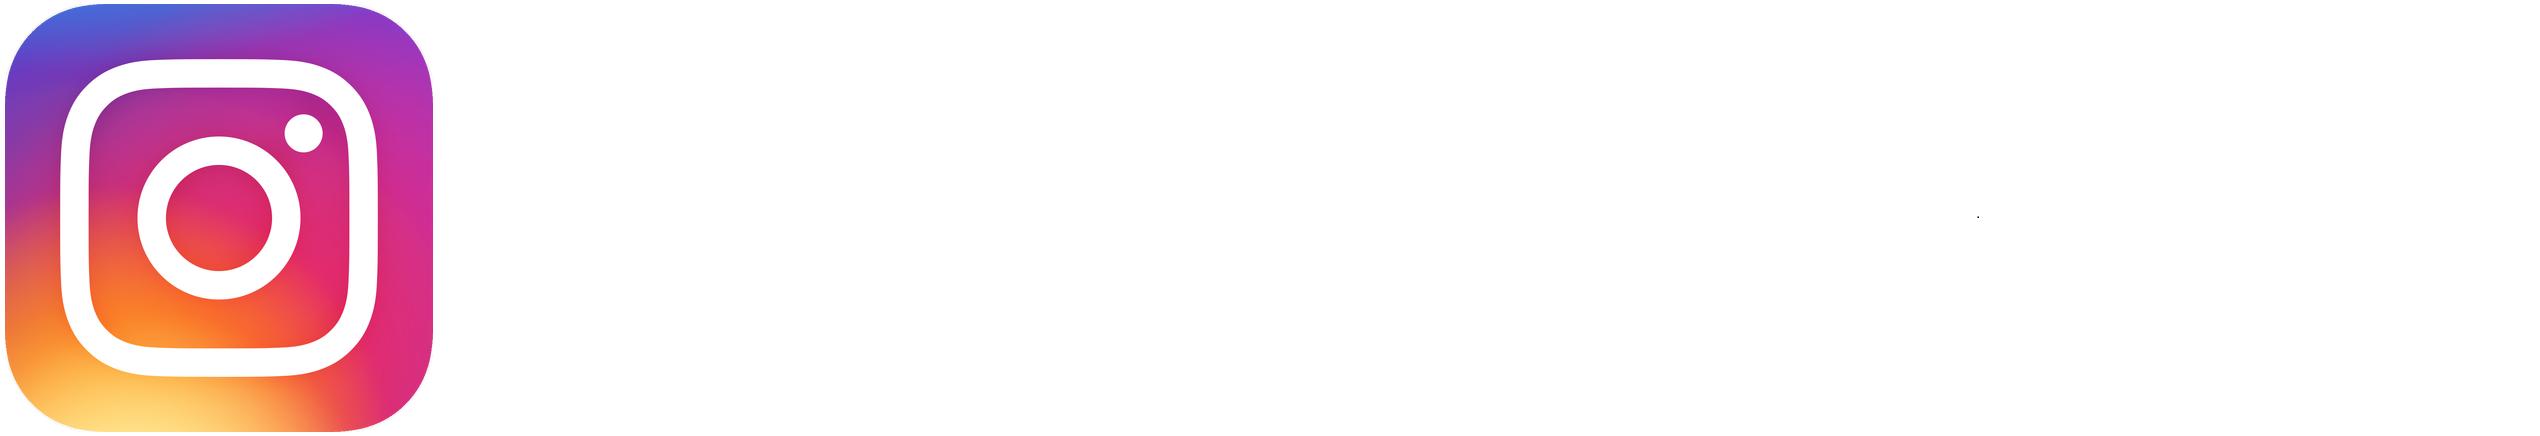 ПОРТАЛ КФУ \ Образование \ Институт социально-философских наук и массовых коммуникаций \ Структура \ Отделение философии и религиоведения \ Кафедра религиоведения